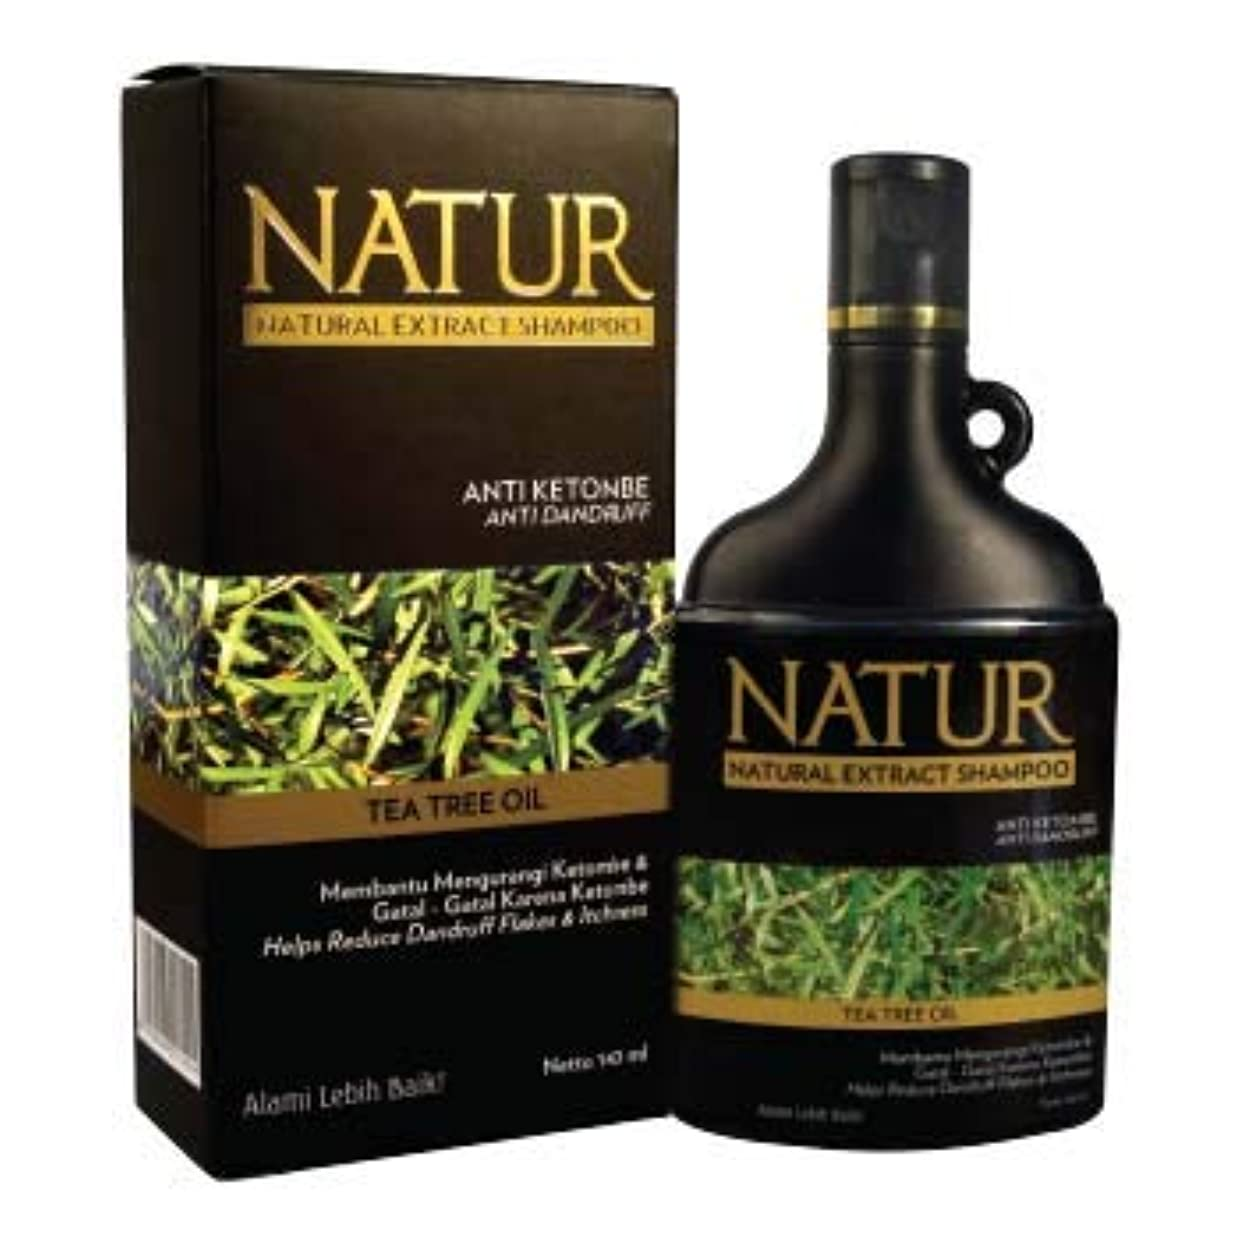 最悪フリース州NATUR ナトゥール 天然植物エキス配合 ハーバルシャンプー 140ml Tea tree oil ティートゥリーオイル [海外直商品]